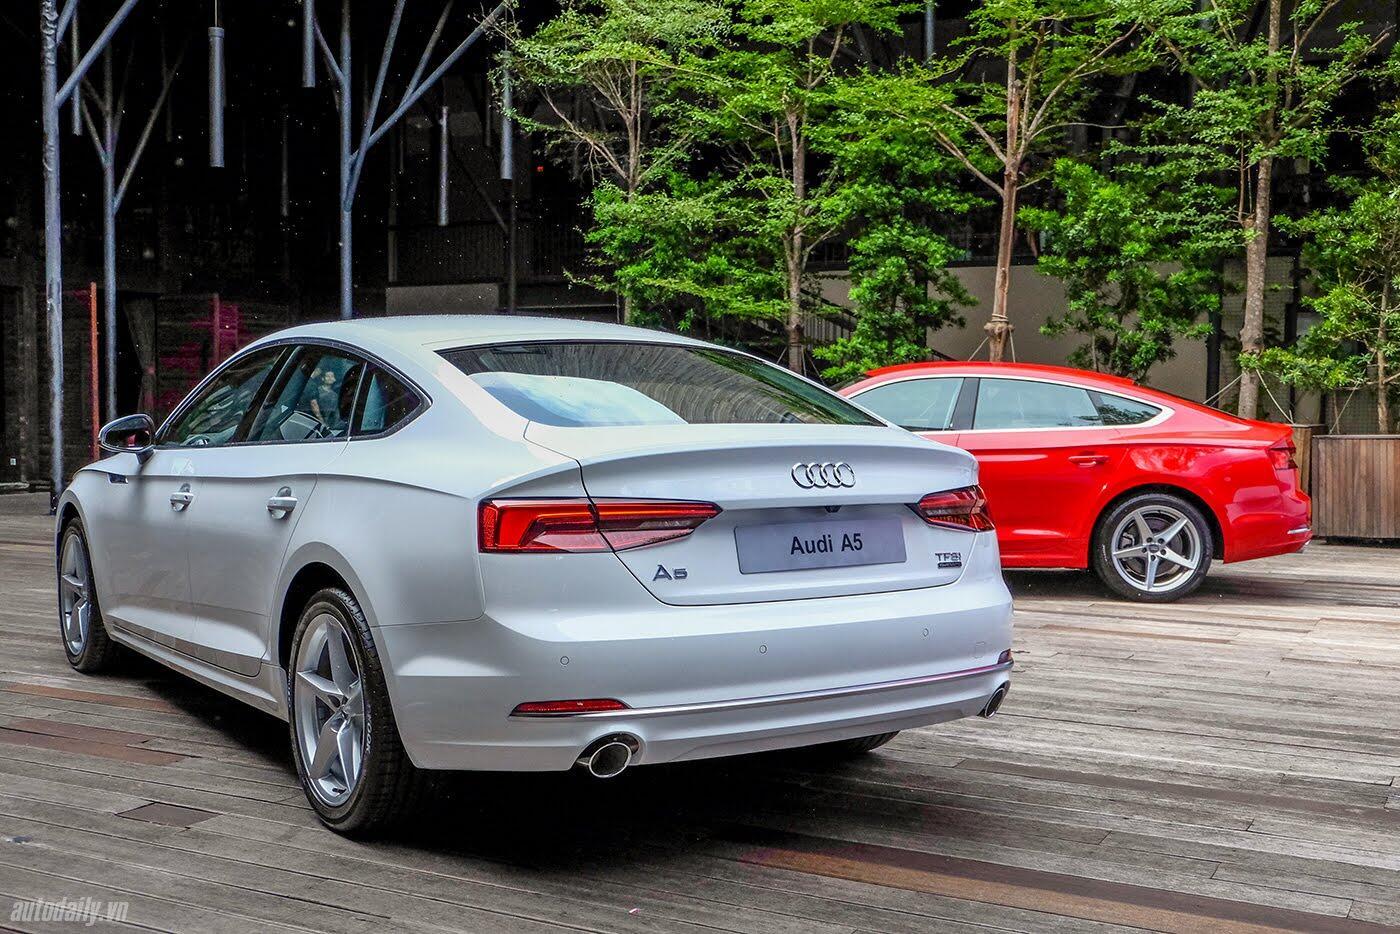 Audi A5 Sportback 2017 chính thức ra mắt tại Việt Nam - Hình 4